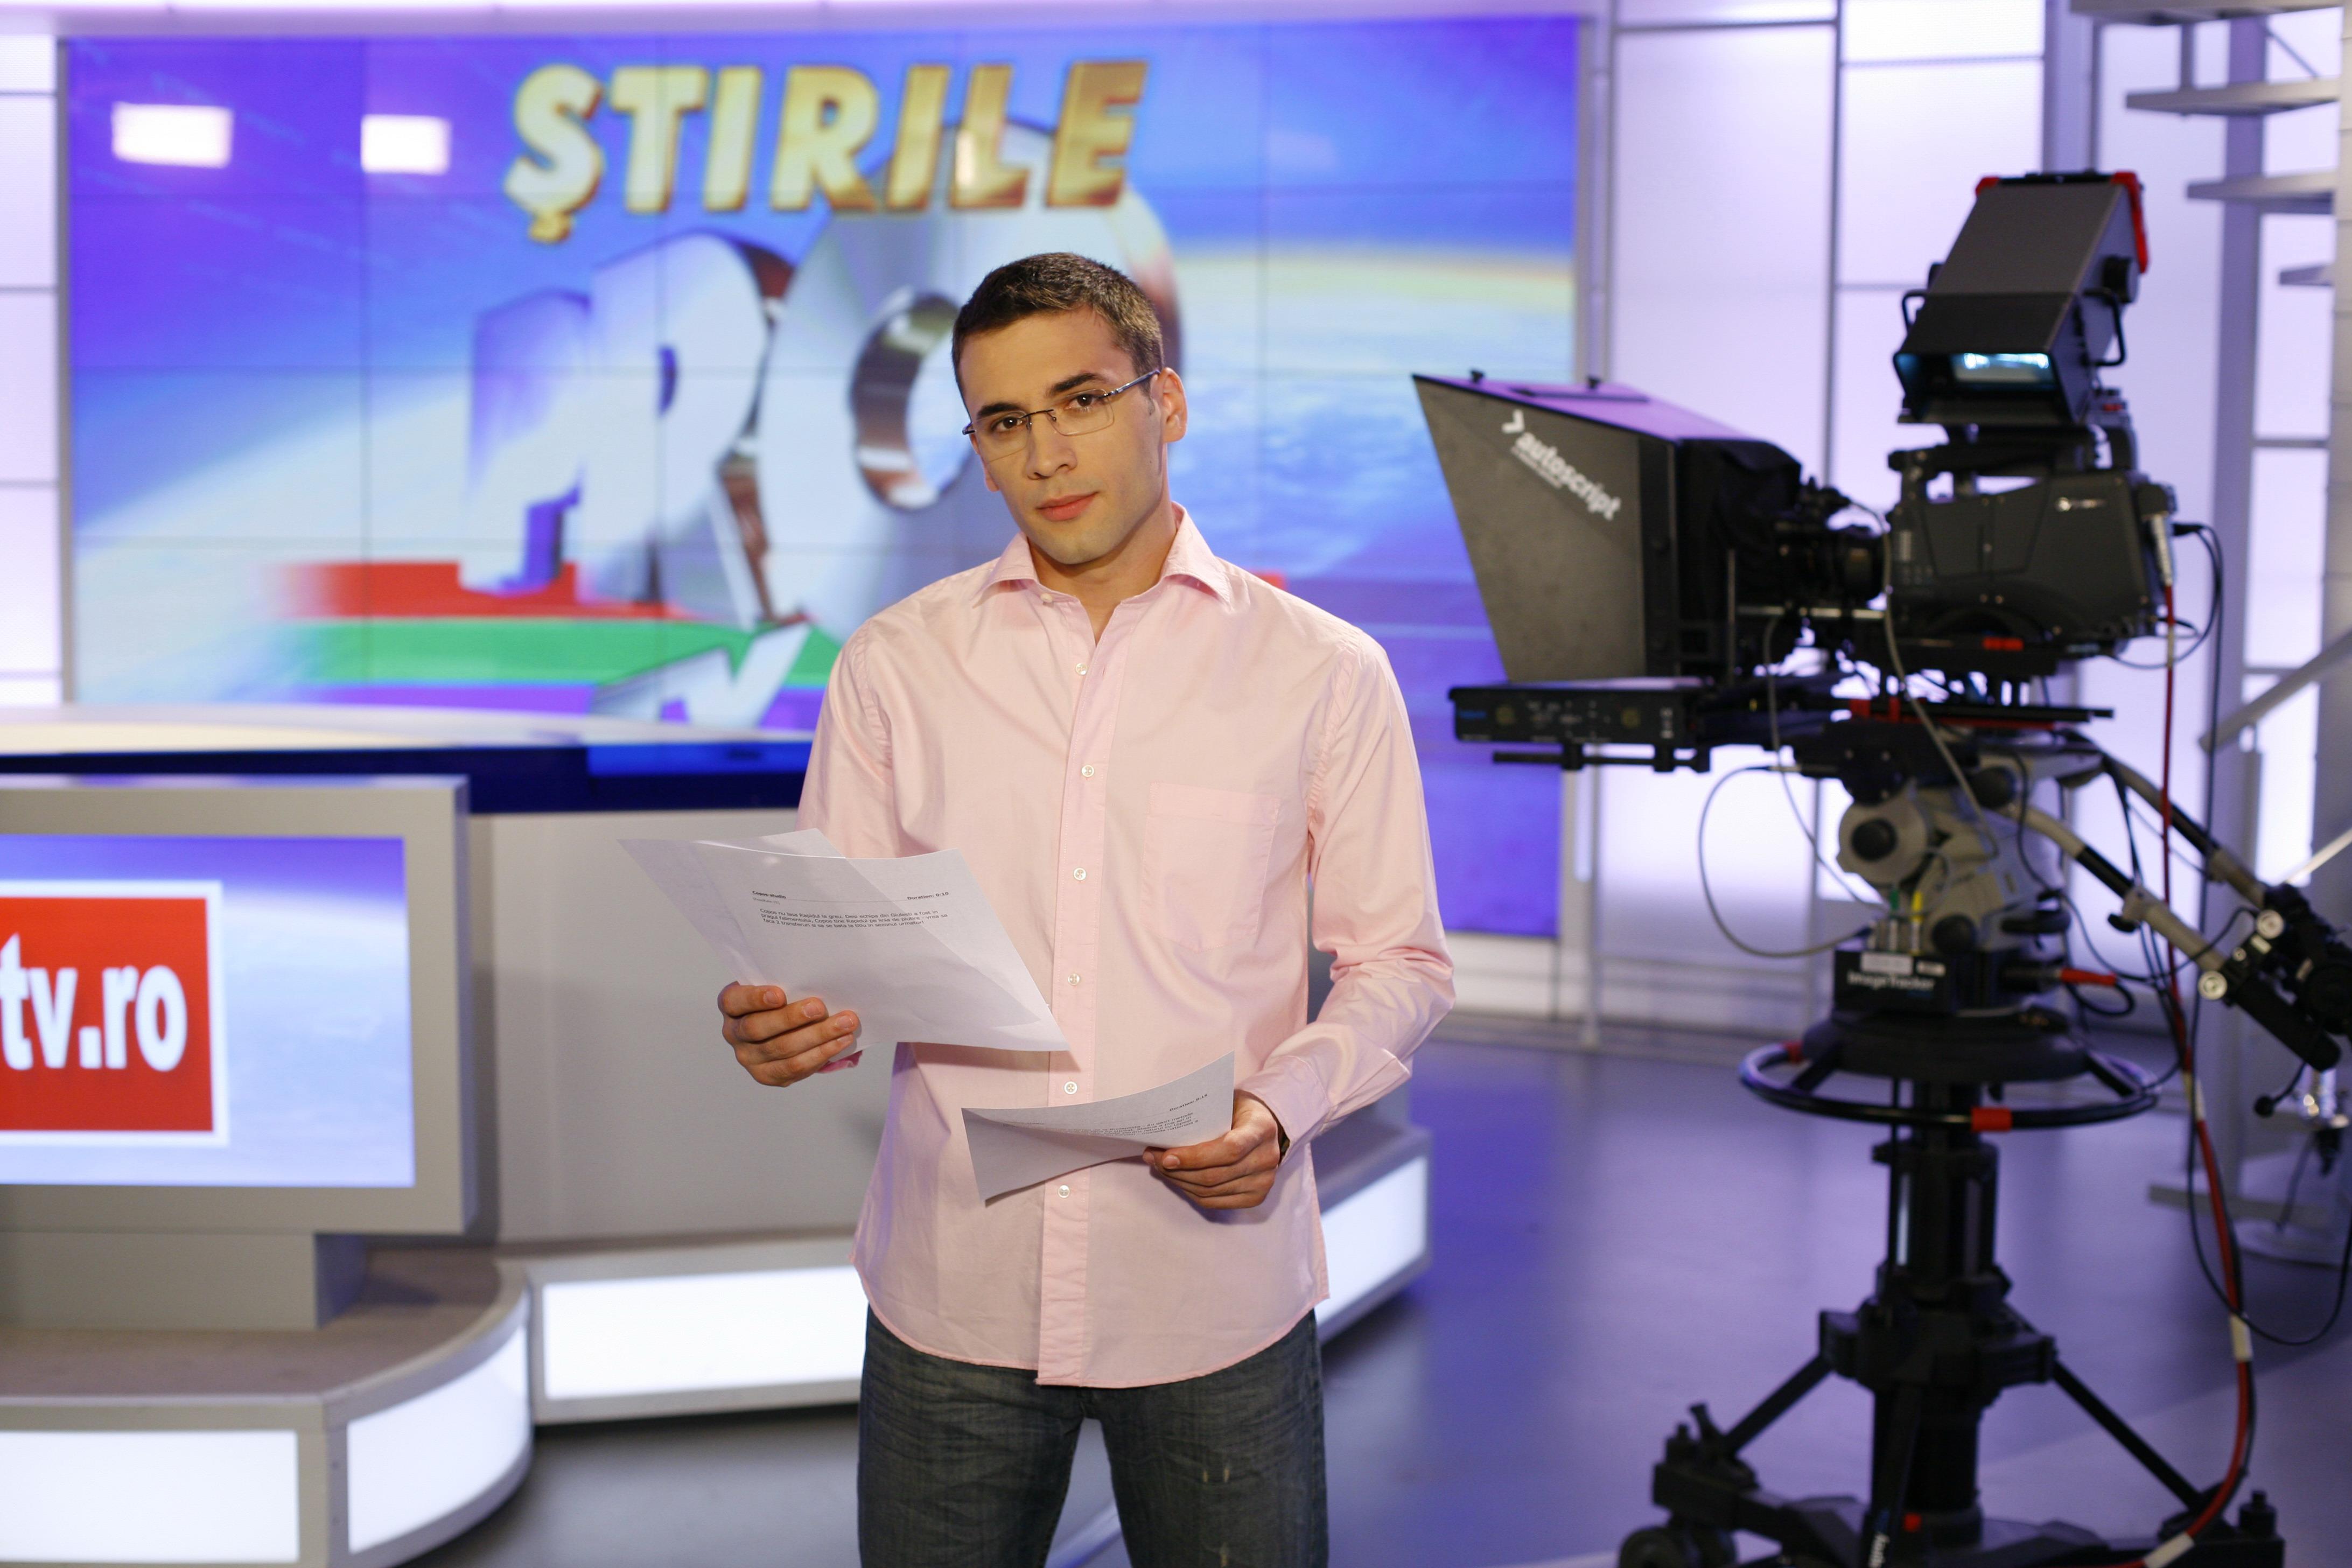 Stirile ProTv de la ora 13.00 cu Daniel Nitoiu - 05.07.2011